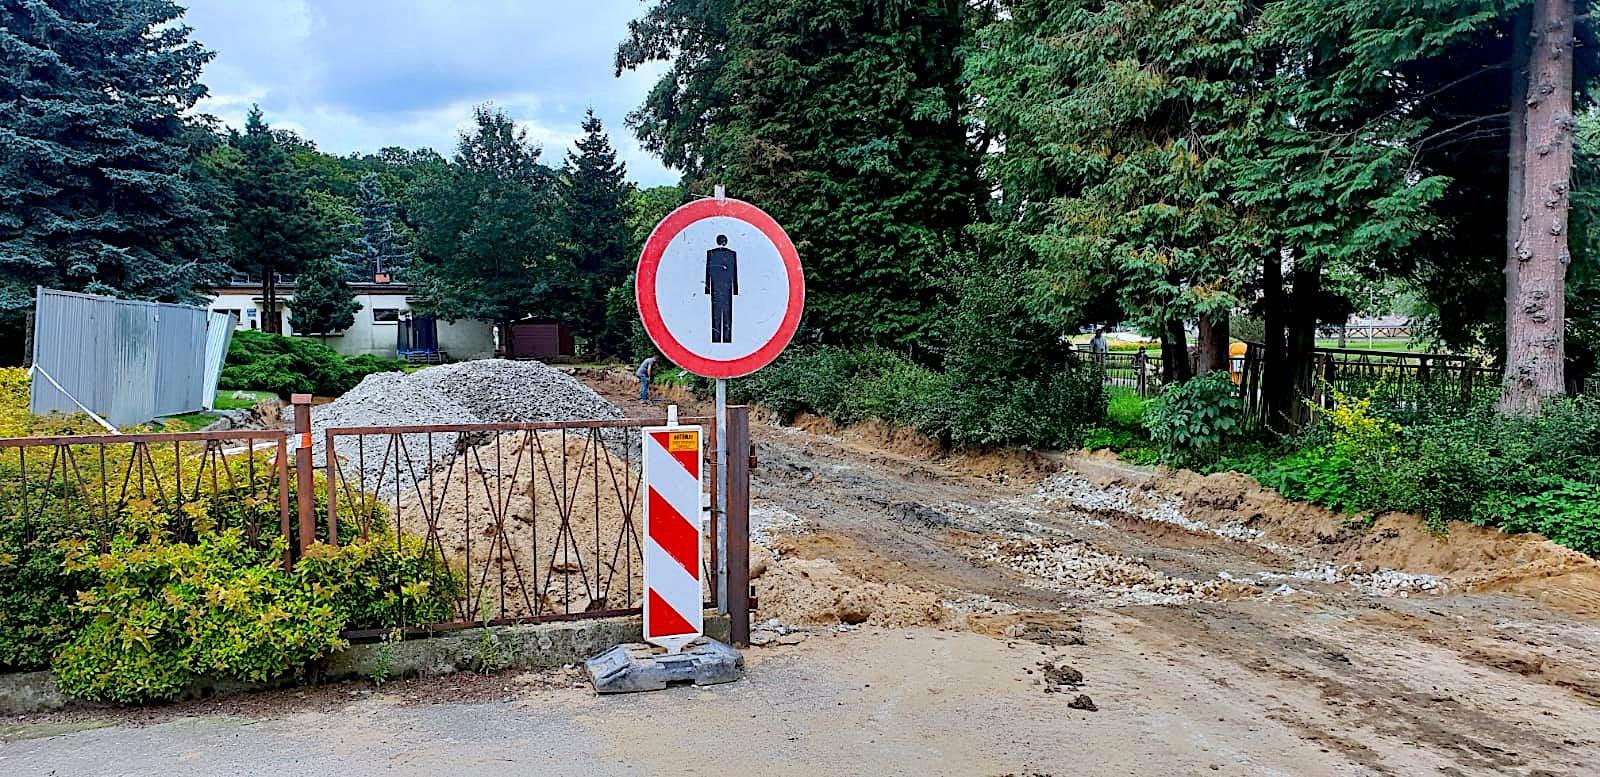 Ruszył remont drogi w Kamieńcu Ząbk. - Zdjęcie główne